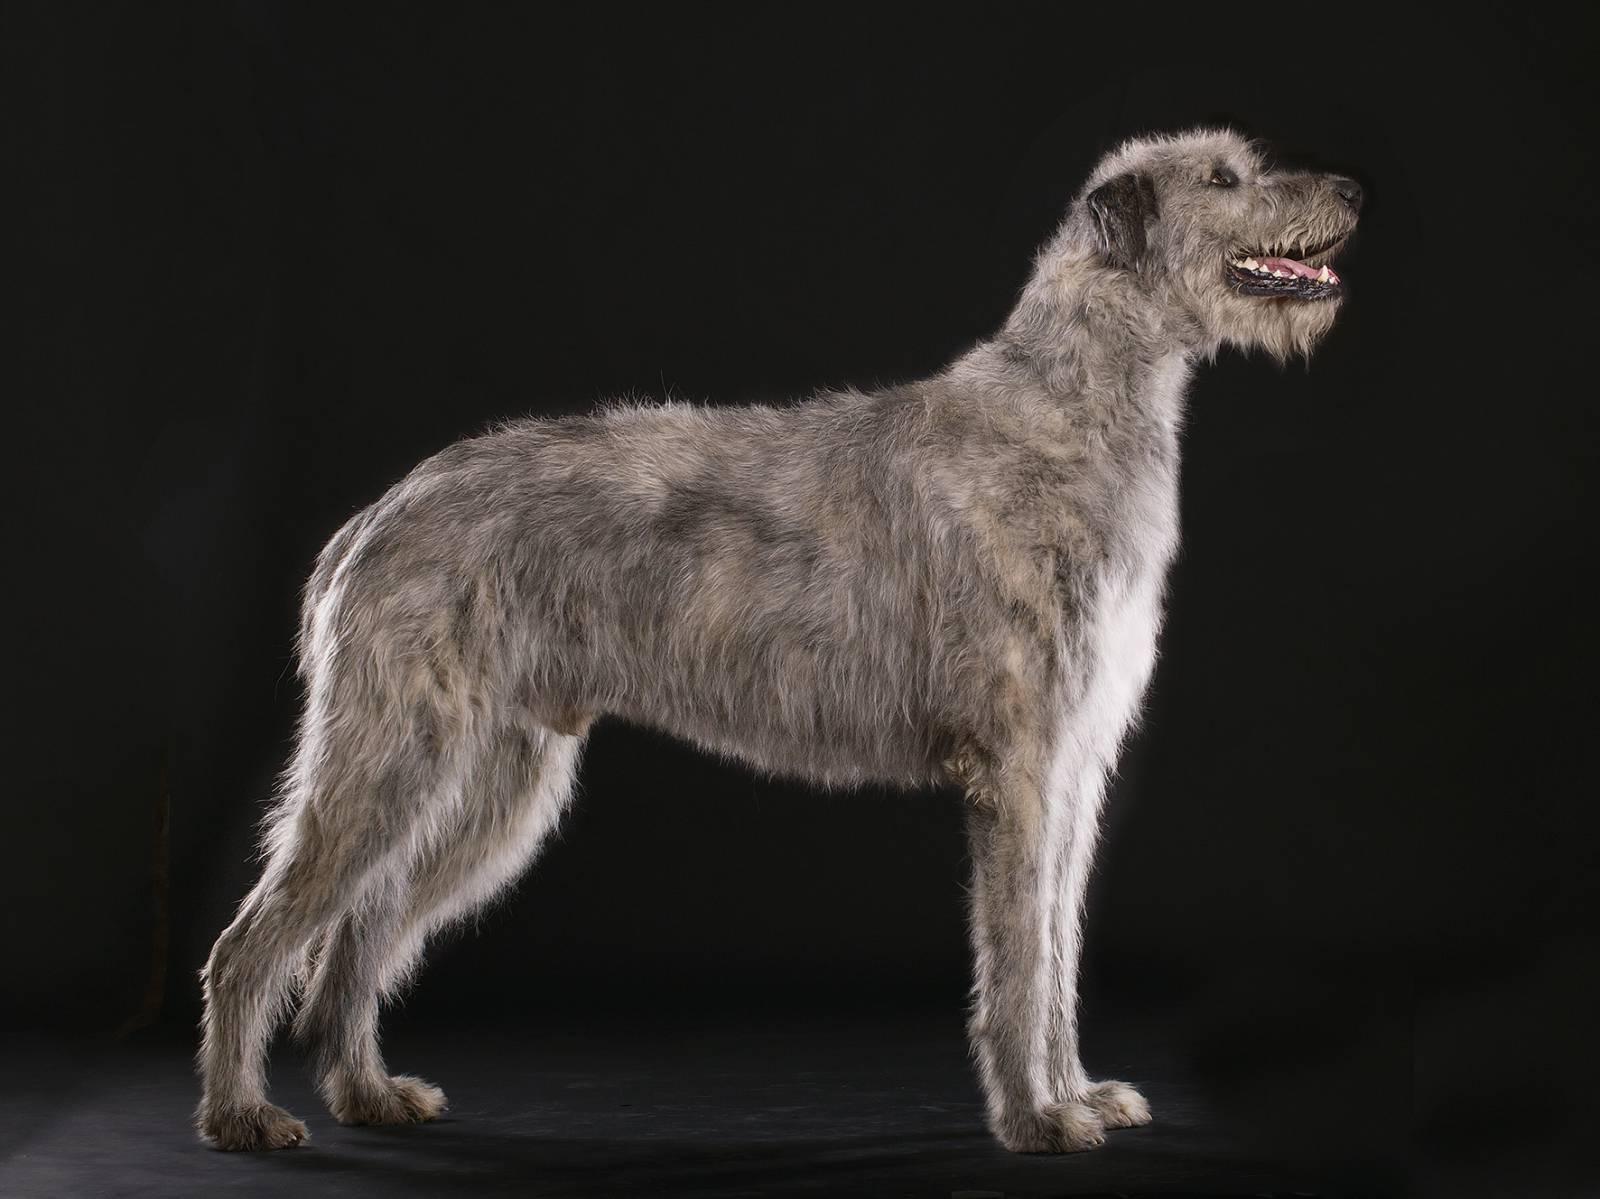 Охотничья собака родом из ирландии – ирландский волкодав